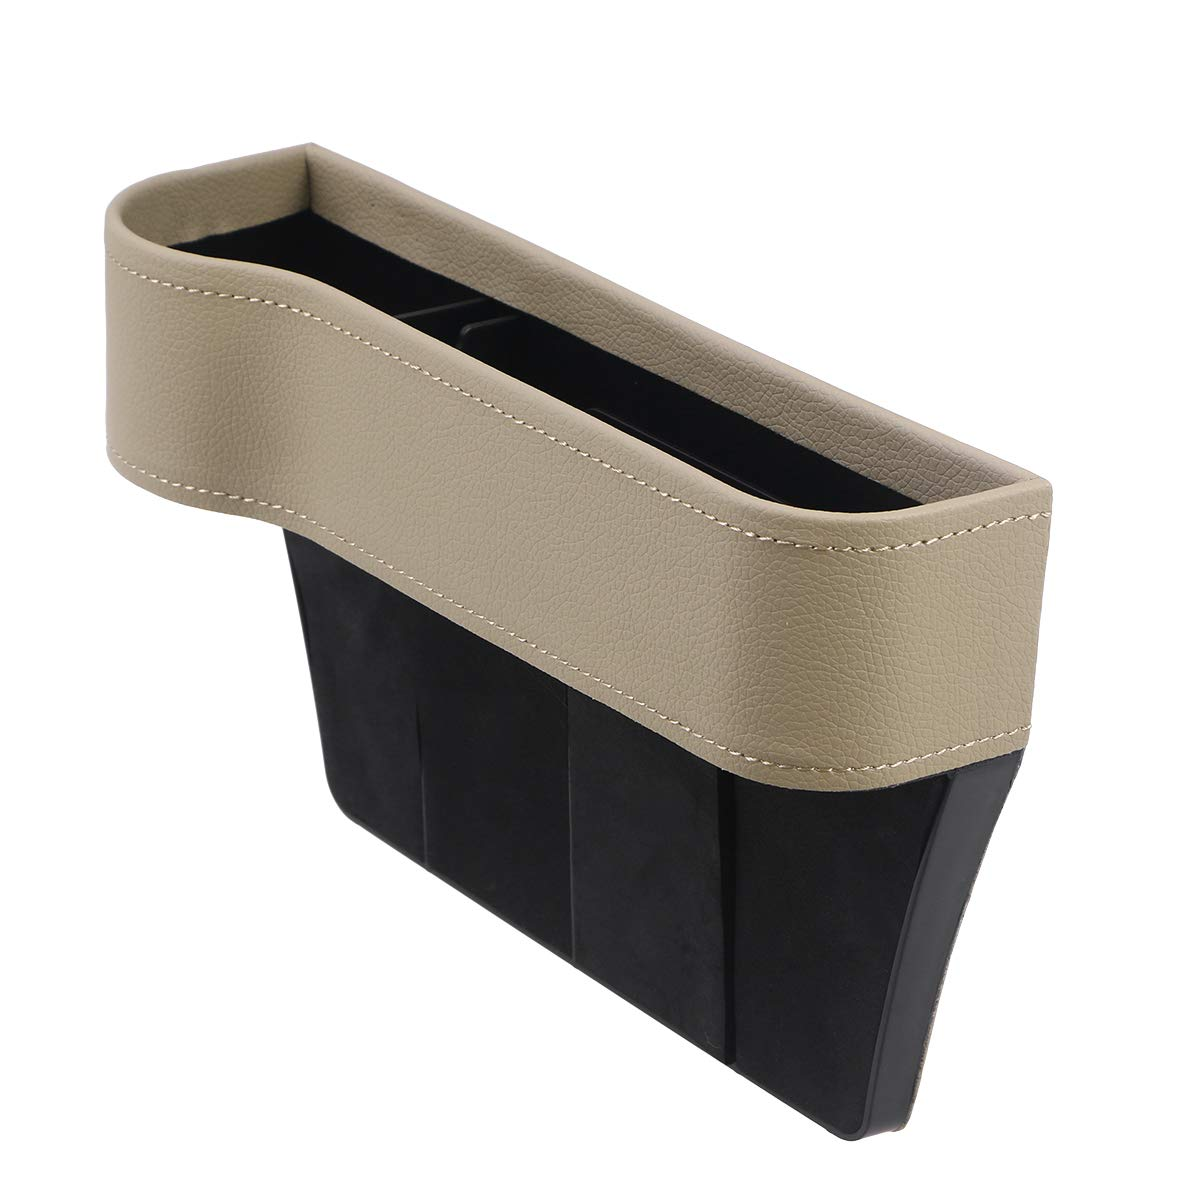 LIOOBO Console in Pelle Tasca Laterale Organizer Seggiolino Auto Filler Catcher Gap Space Storage Box Portabottiglie Collettore di Monete Accessori Interni per Auto